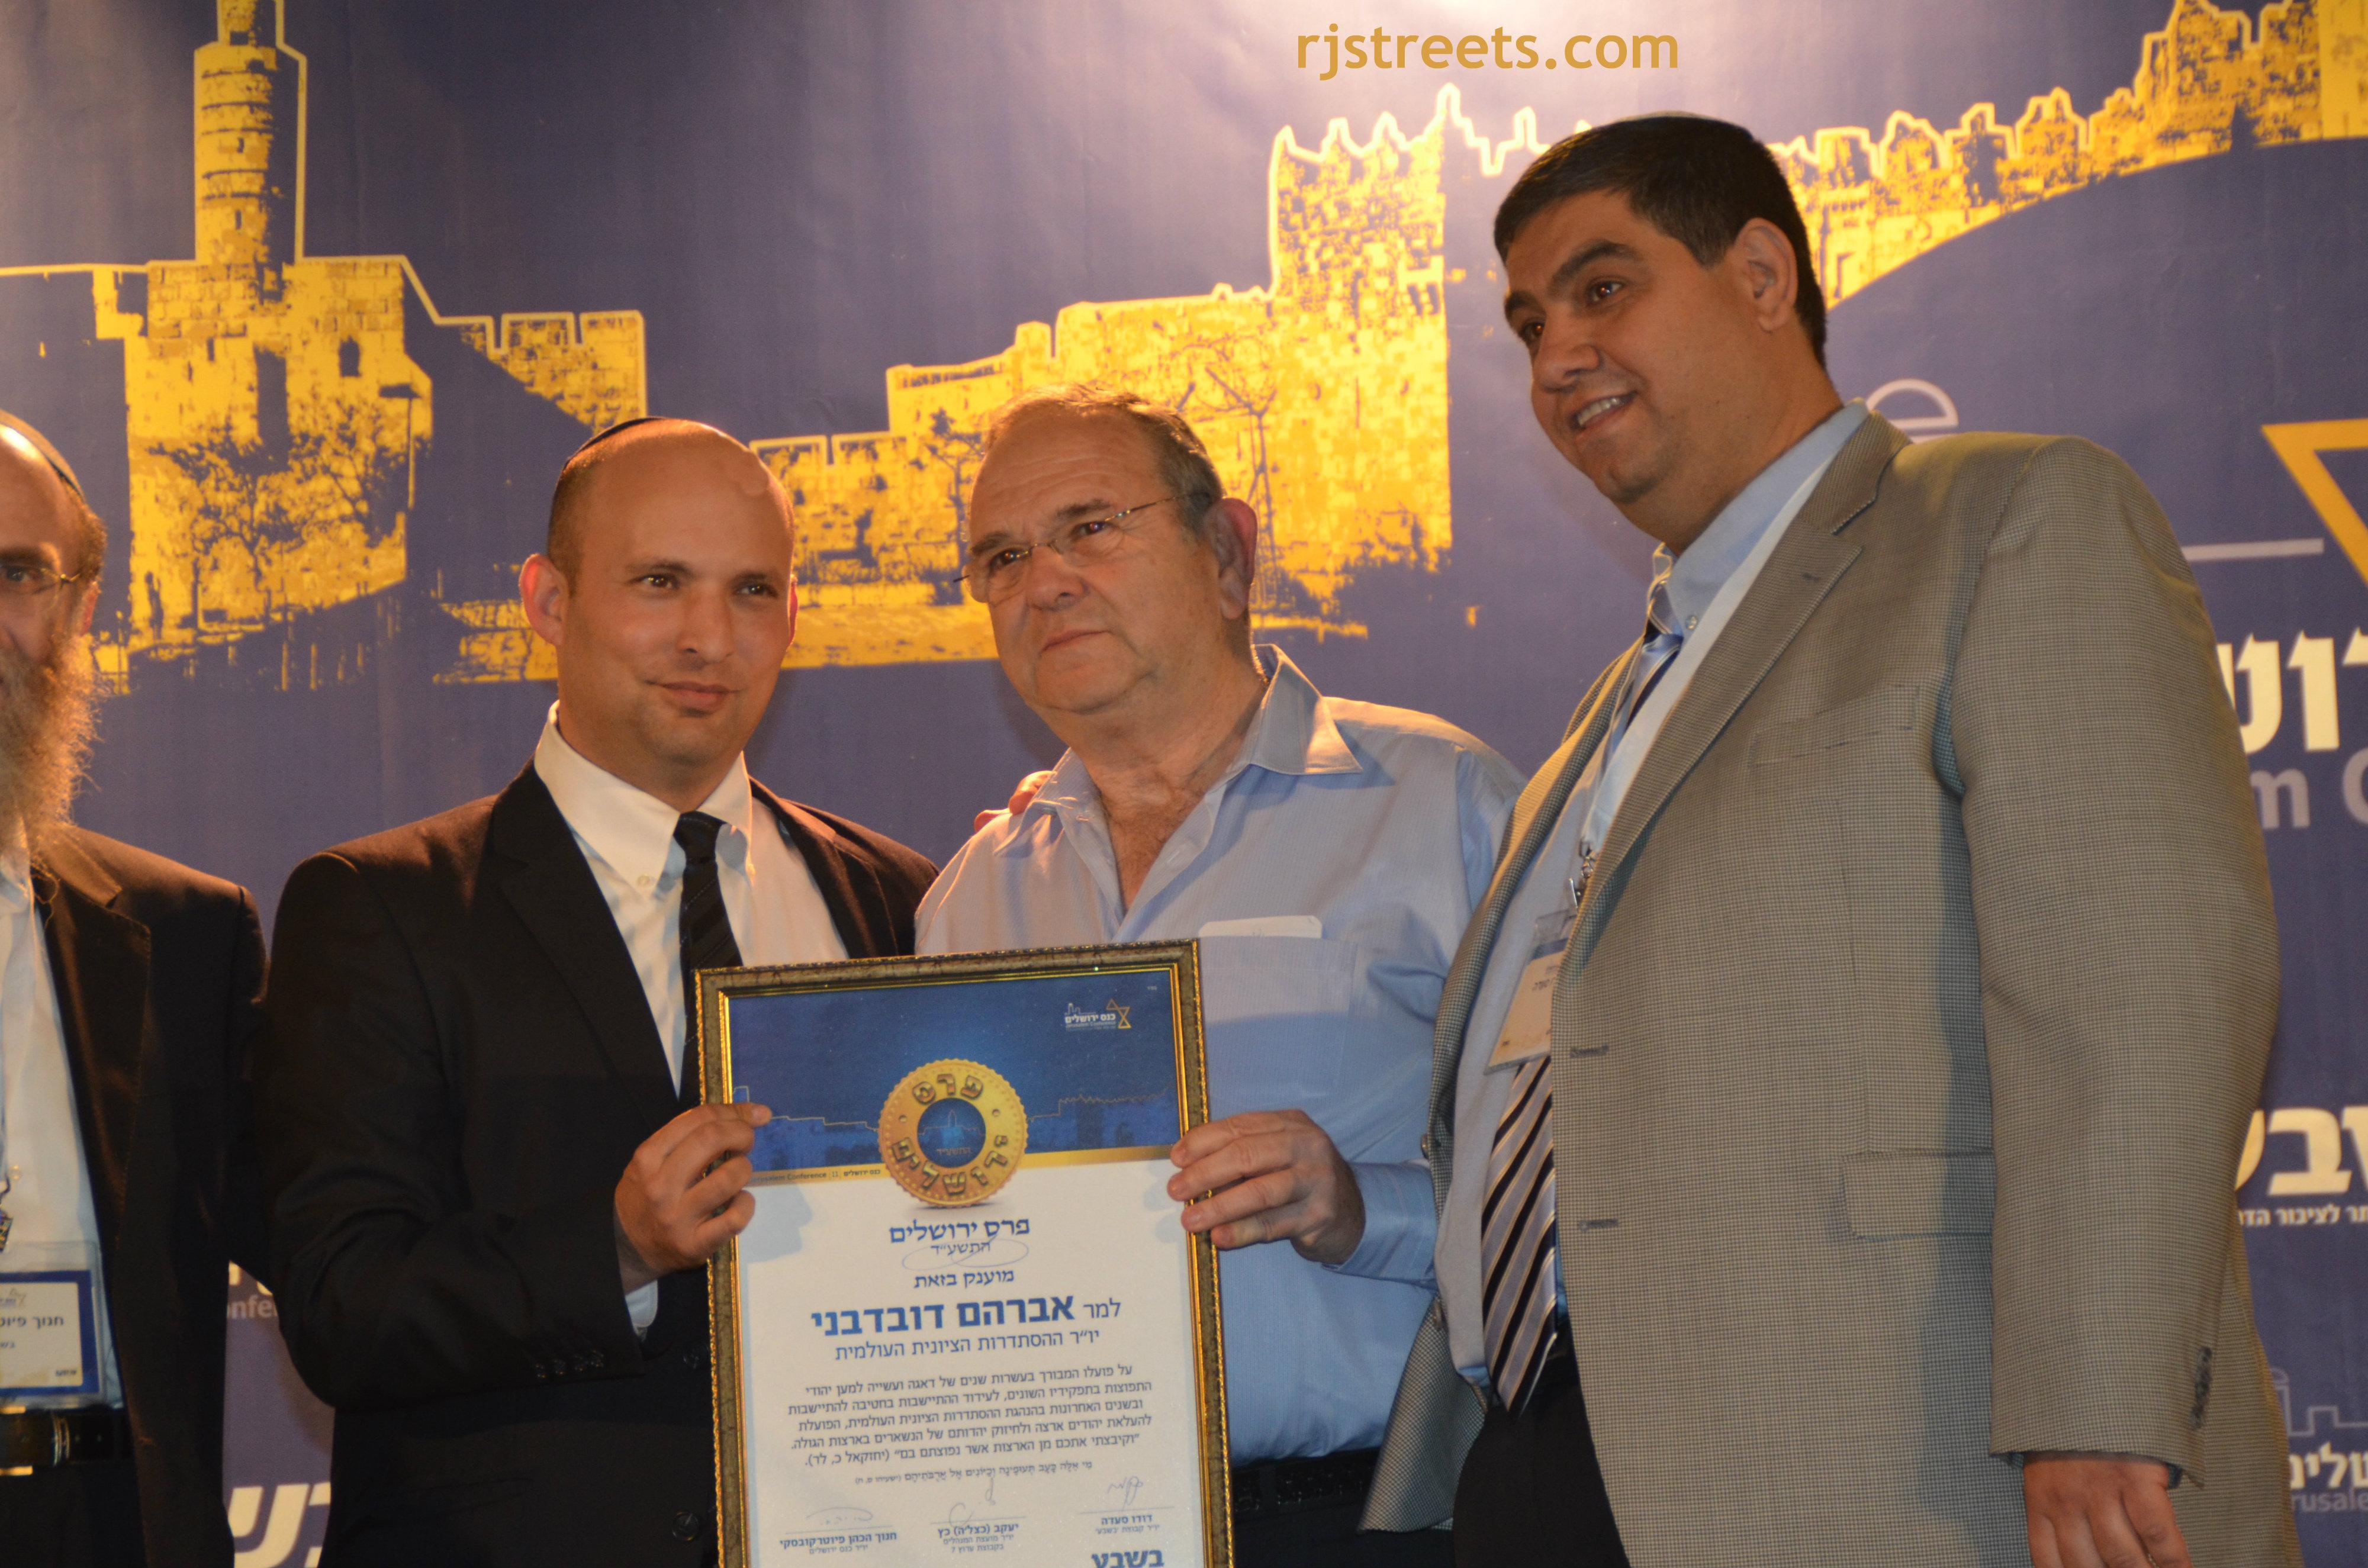 image Jerusalem prize, photo Jerusalem prize, image Nafatali bennetnt, photo Naftali Bennet